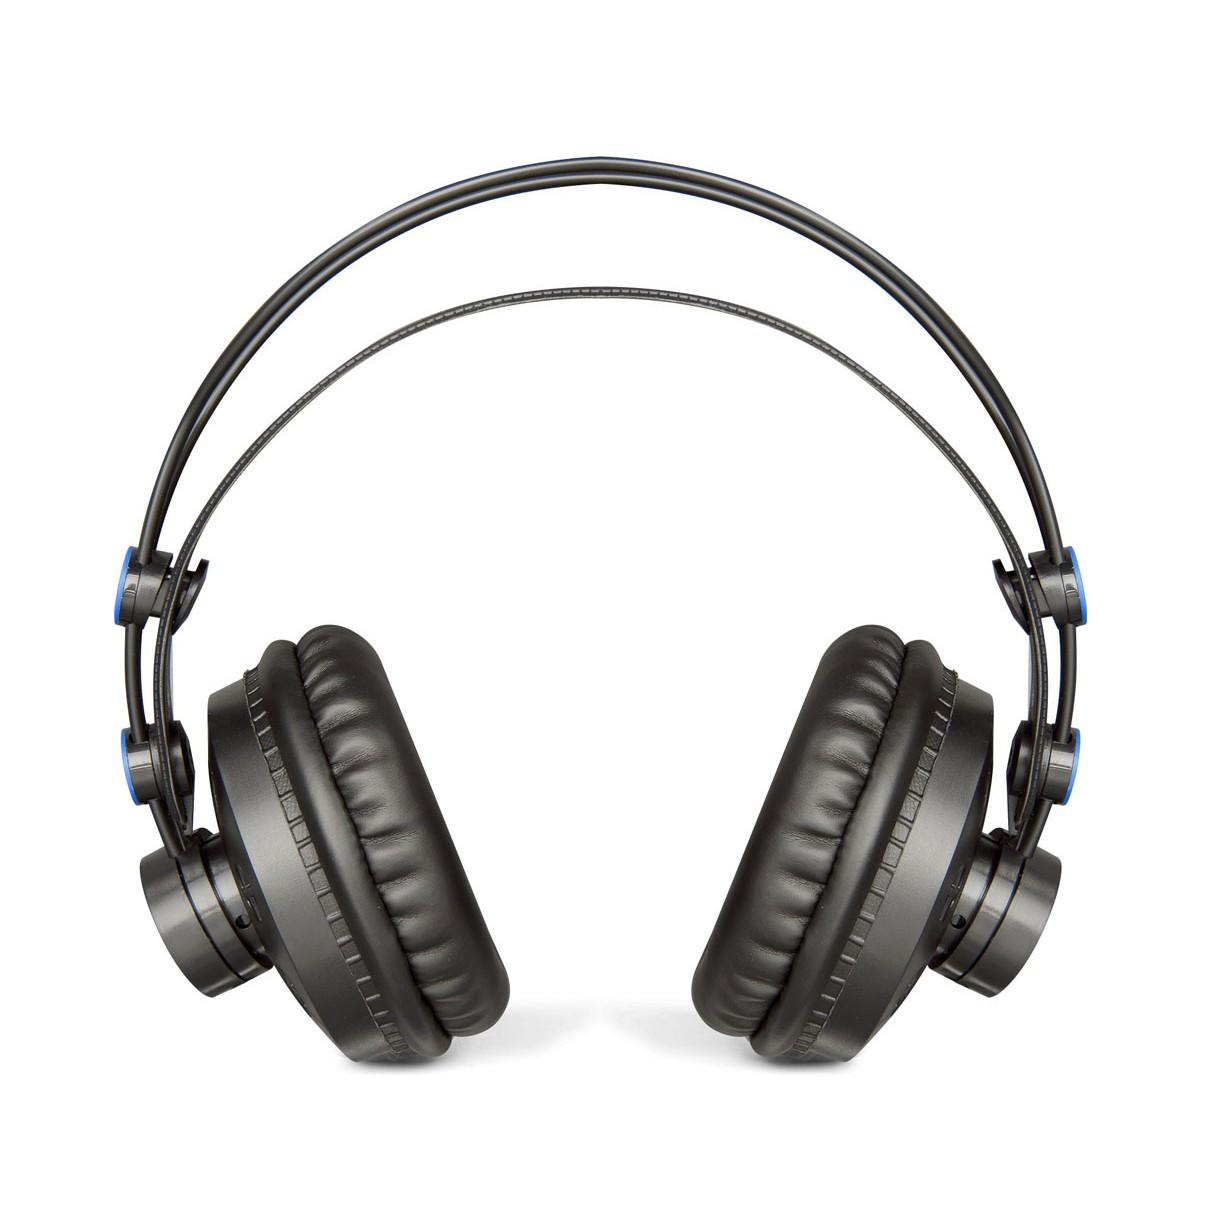 Presonus Audiobox Itwo Studio : presonus audiobox itwo studio ~ Vivirlamusica.com Haus und Dekorationen